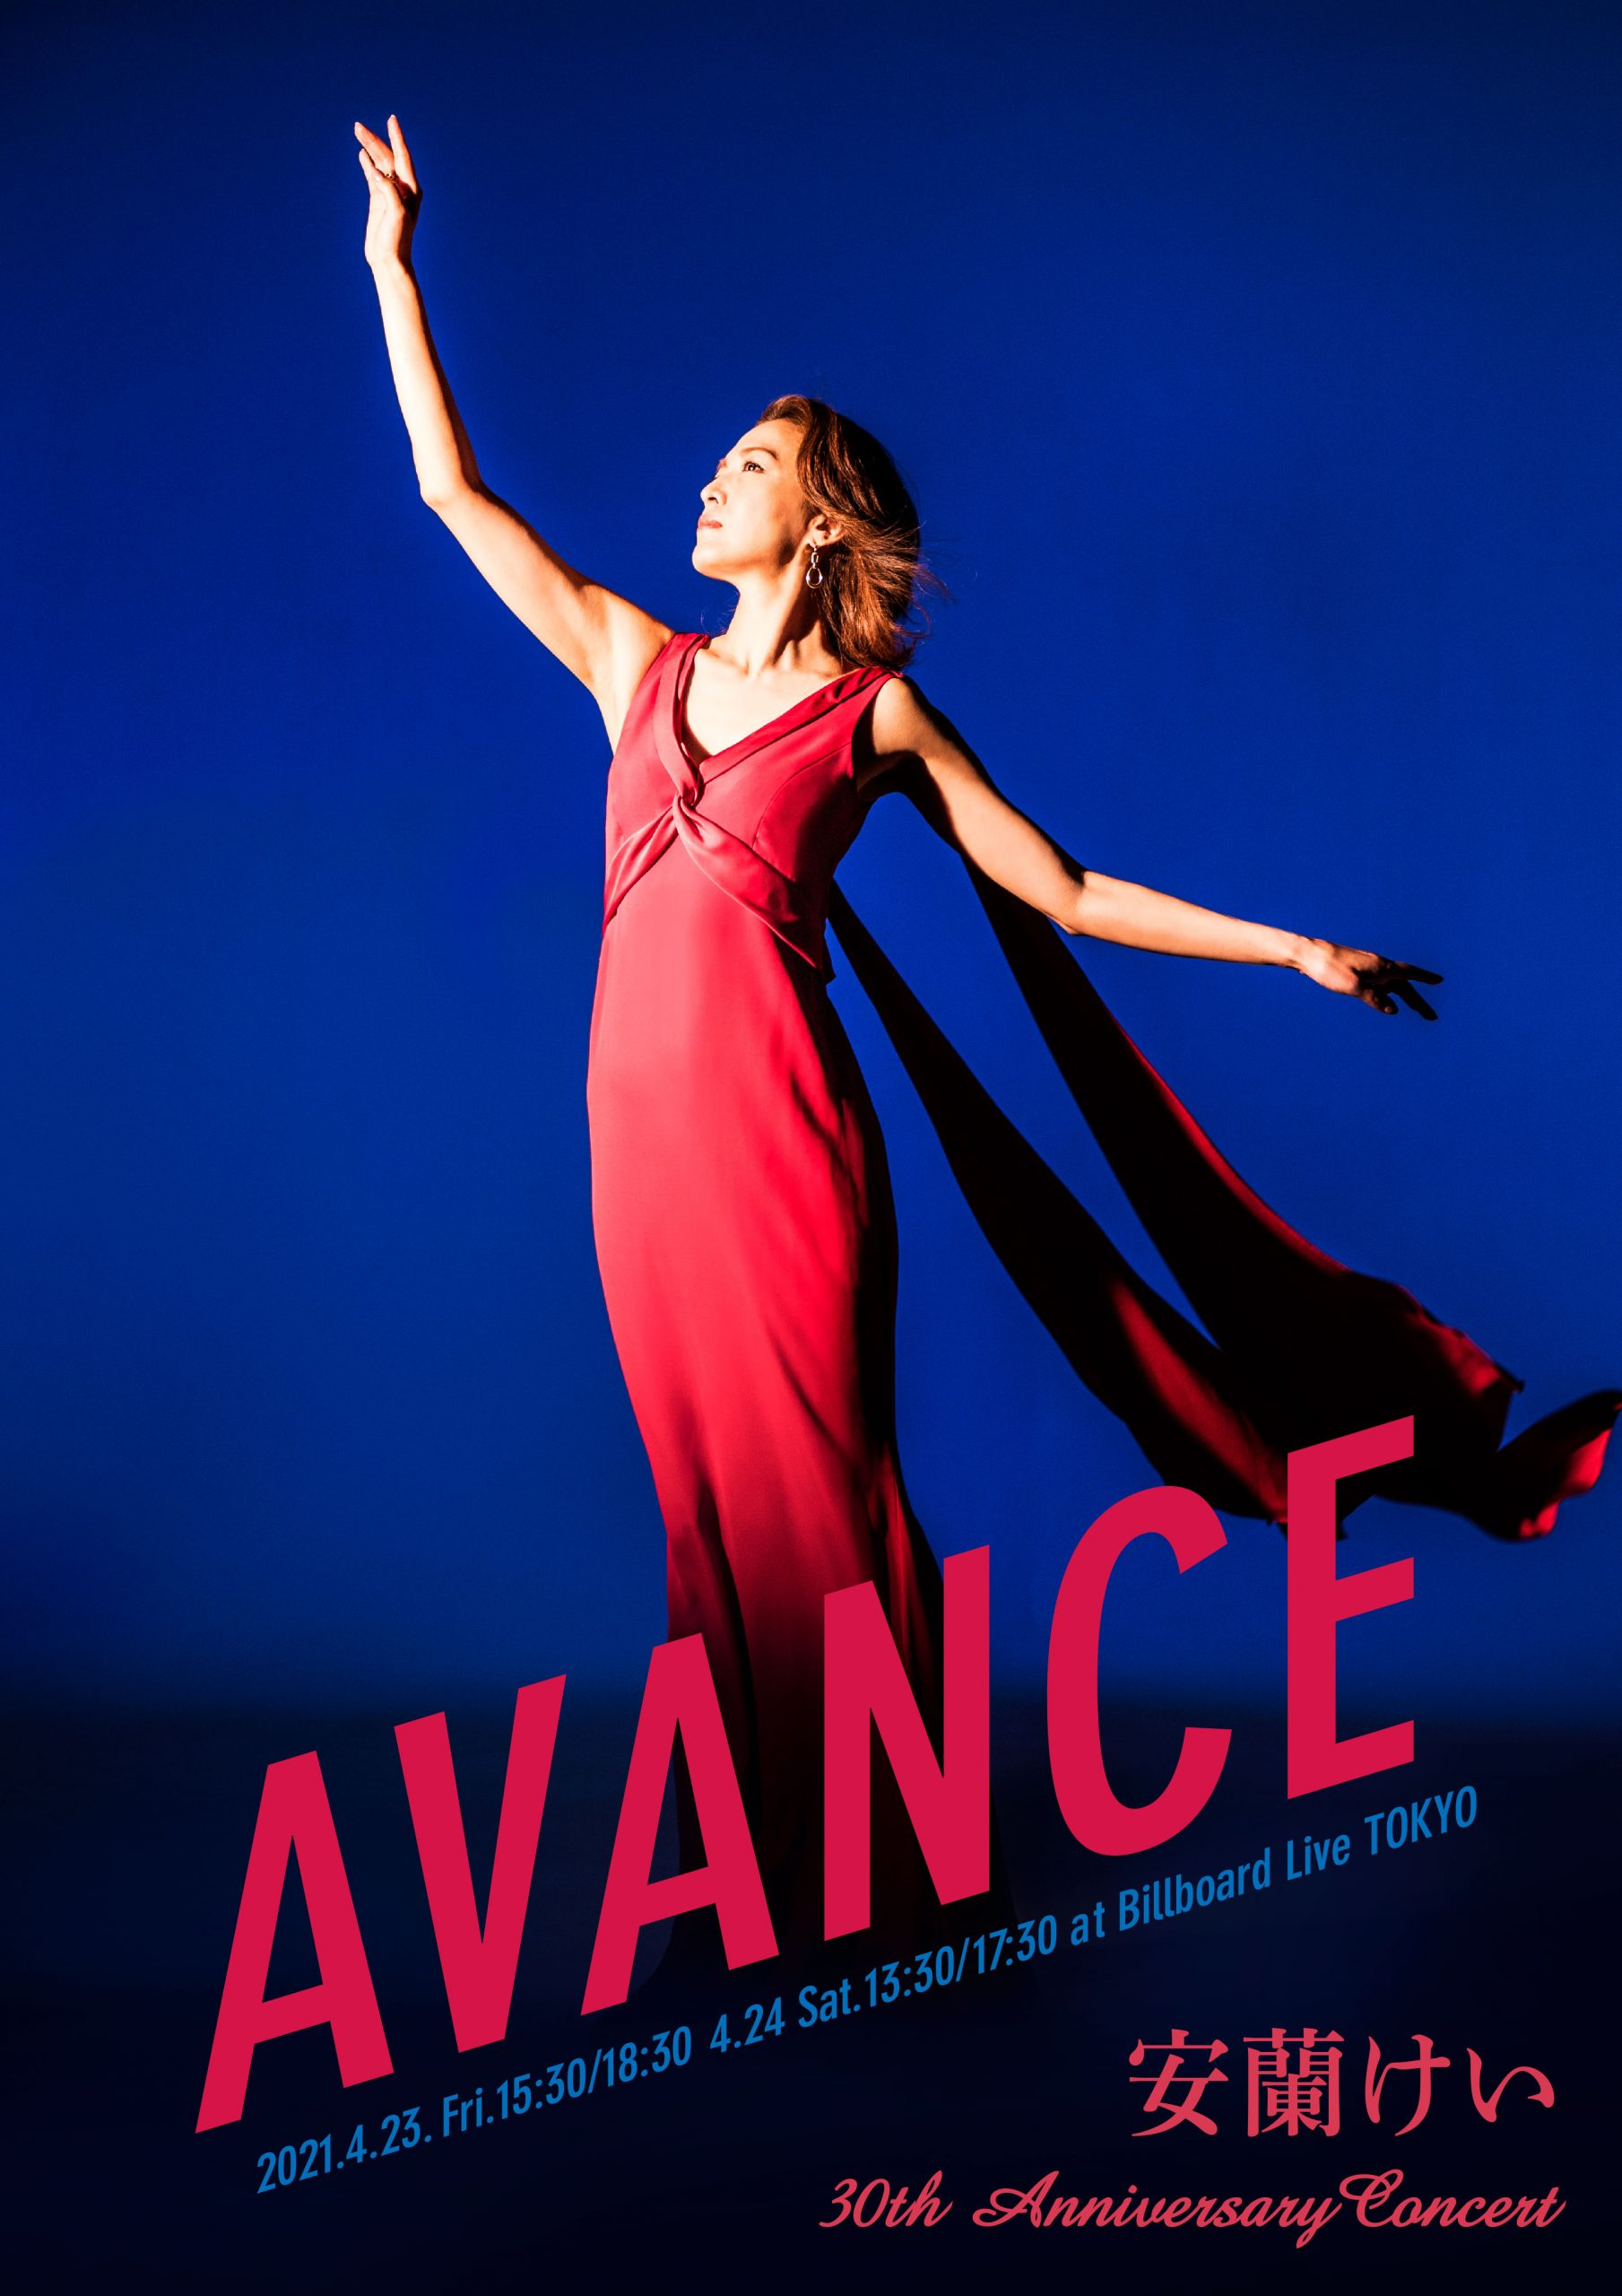 安蘭けい 芸能生活30周年コンサート『AVANCE』